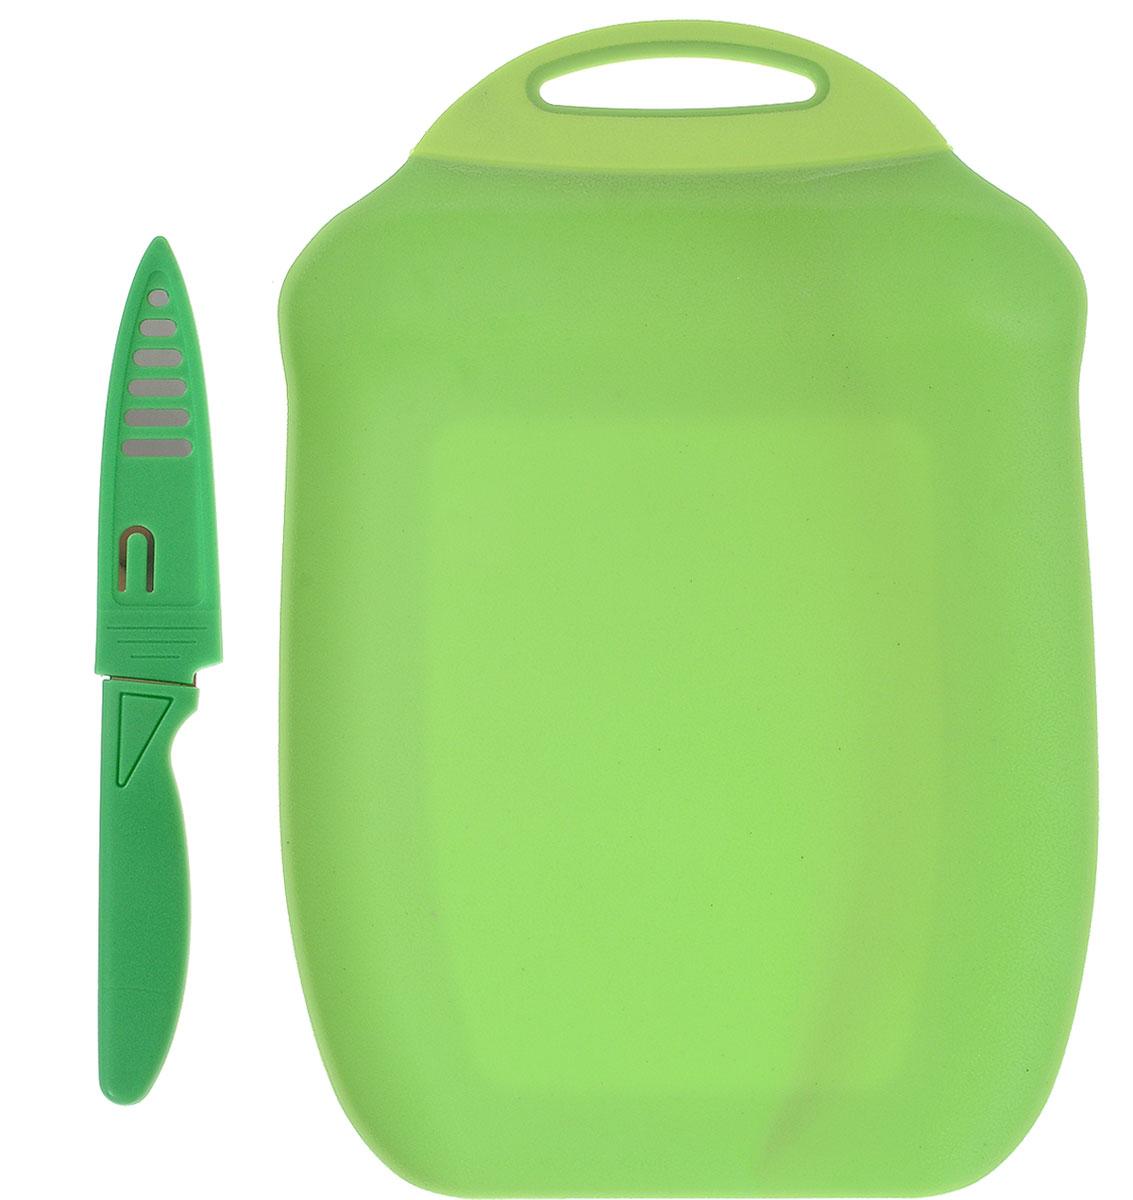 Доска разделочная Menu Ланч, с ножом, цвет: зеленый, 27 х 18 см391602Разделочная доска Menu Ланч изготовлена из высококачественного пищевого пластика и предназначена для разделывания рыбы, мяса, нарезки овощей, фруктов, колбас, сыра и хлеба. Поверхность доски не тупит лезвия ножей и не впитывает запахи продуктов. В конструкции доски предусмотрены специальные небольшие бортики, которые предотвратят случайное ссыпание продуктов. Для удобства хранения доска имеет отверстие для подвешивания. В комплекте имеется нож из нержавеющей стали с защитным чехлом. Эргономичная пластиковая рукоятка не позволяет ножу выскальзывать из рук. Любая хозяйка оценит функциональность данного набора. Мыть только вручную. Размер разделочной доски: 27 х 18 см.Длина ножа: 19 см.Длина лезвия ножа: 10 см.